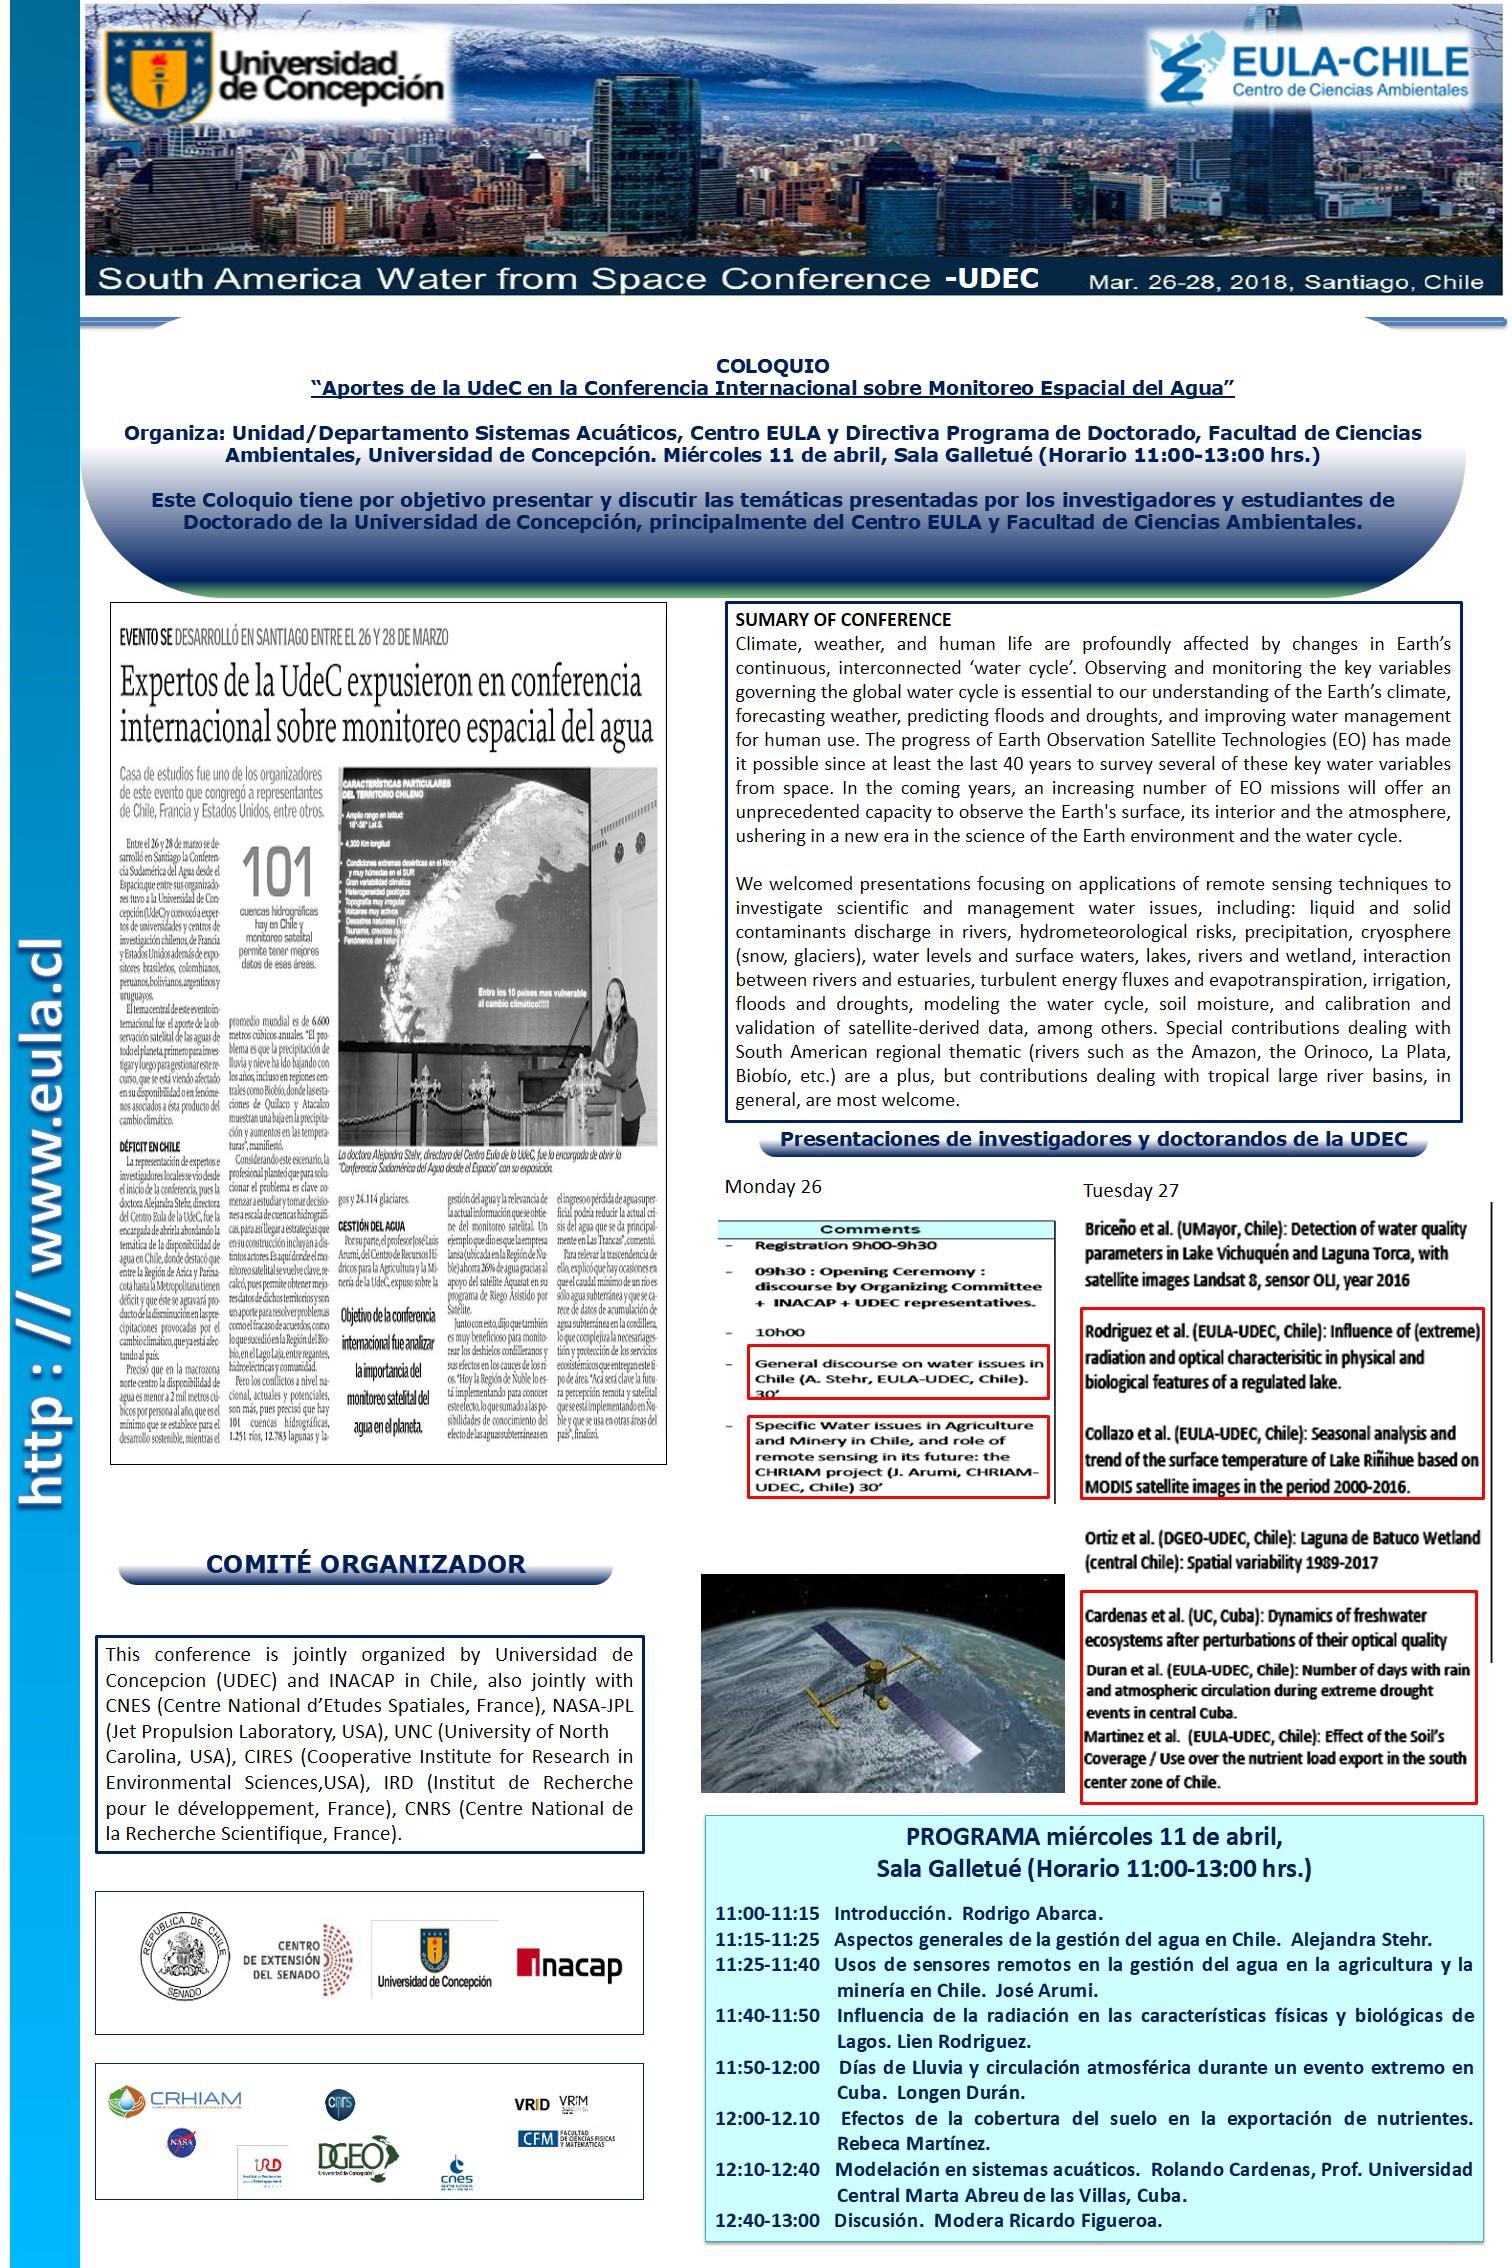 """COLOQUIO  """"Aportes de la UdeC en la Conferencia Internacional sobre Monitoreo Espacial del Agua"""""""